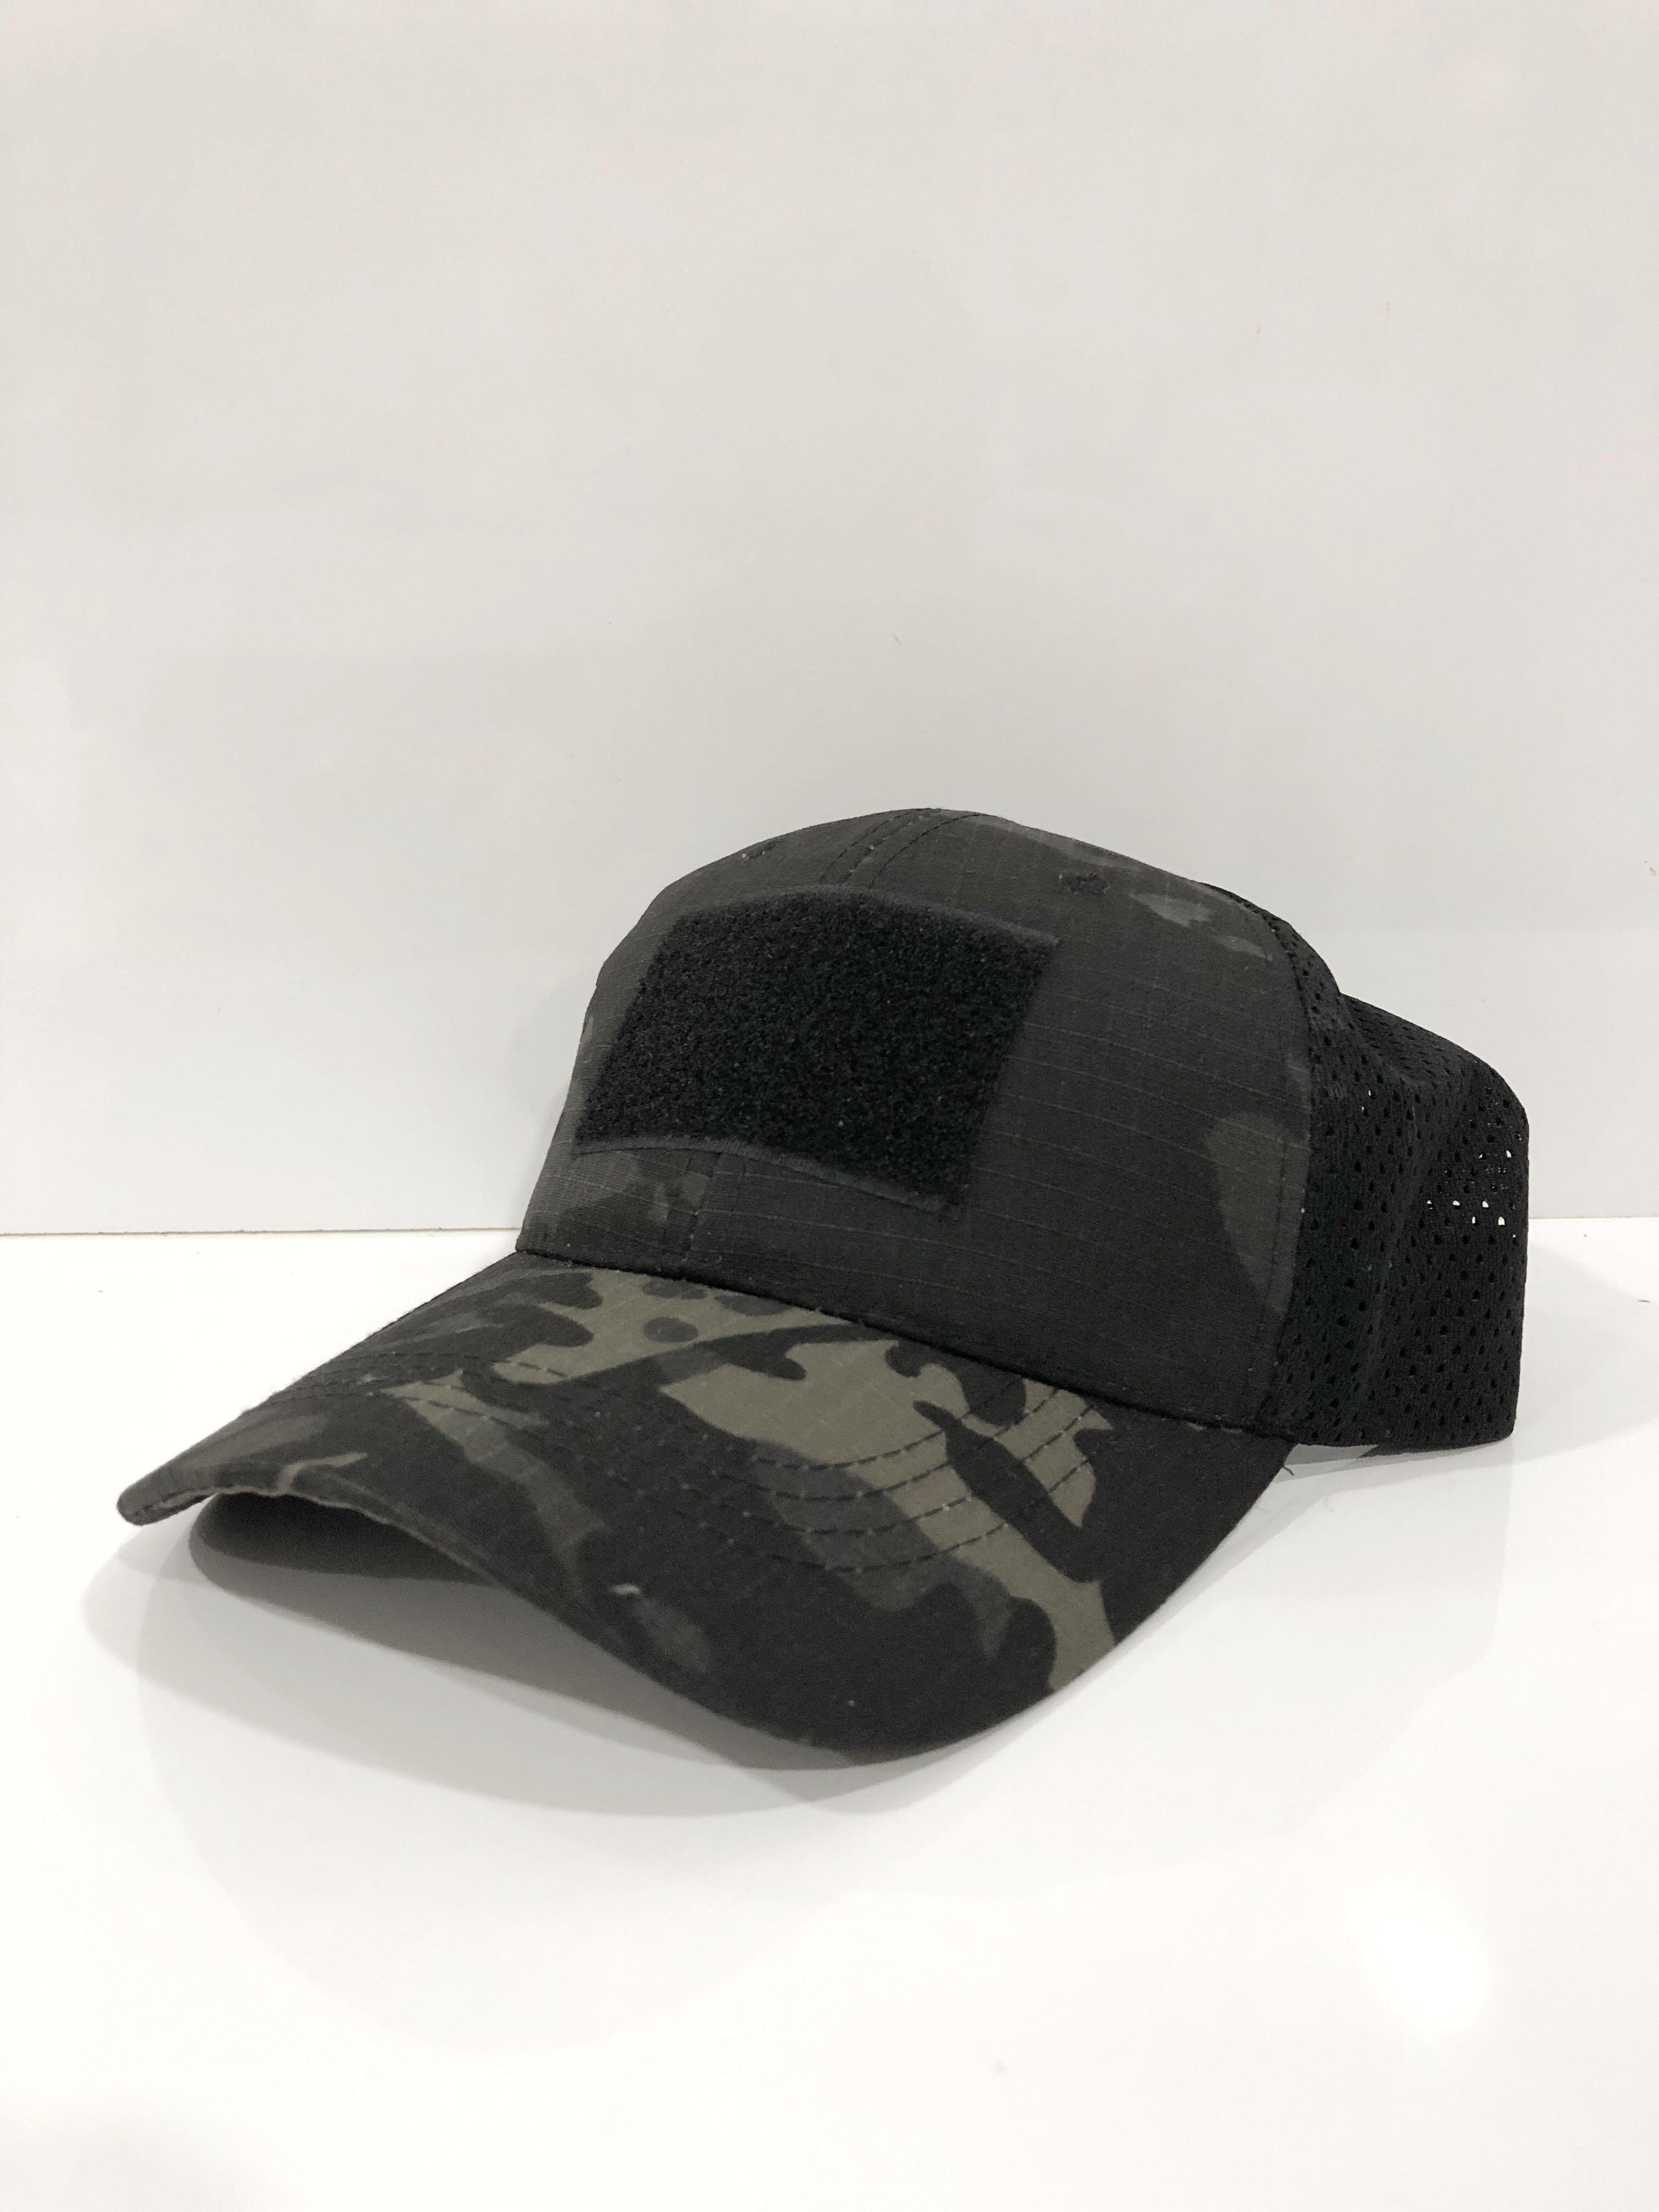 1ae779cc720fa TACTICAL CAP - MULTICAM BLACK